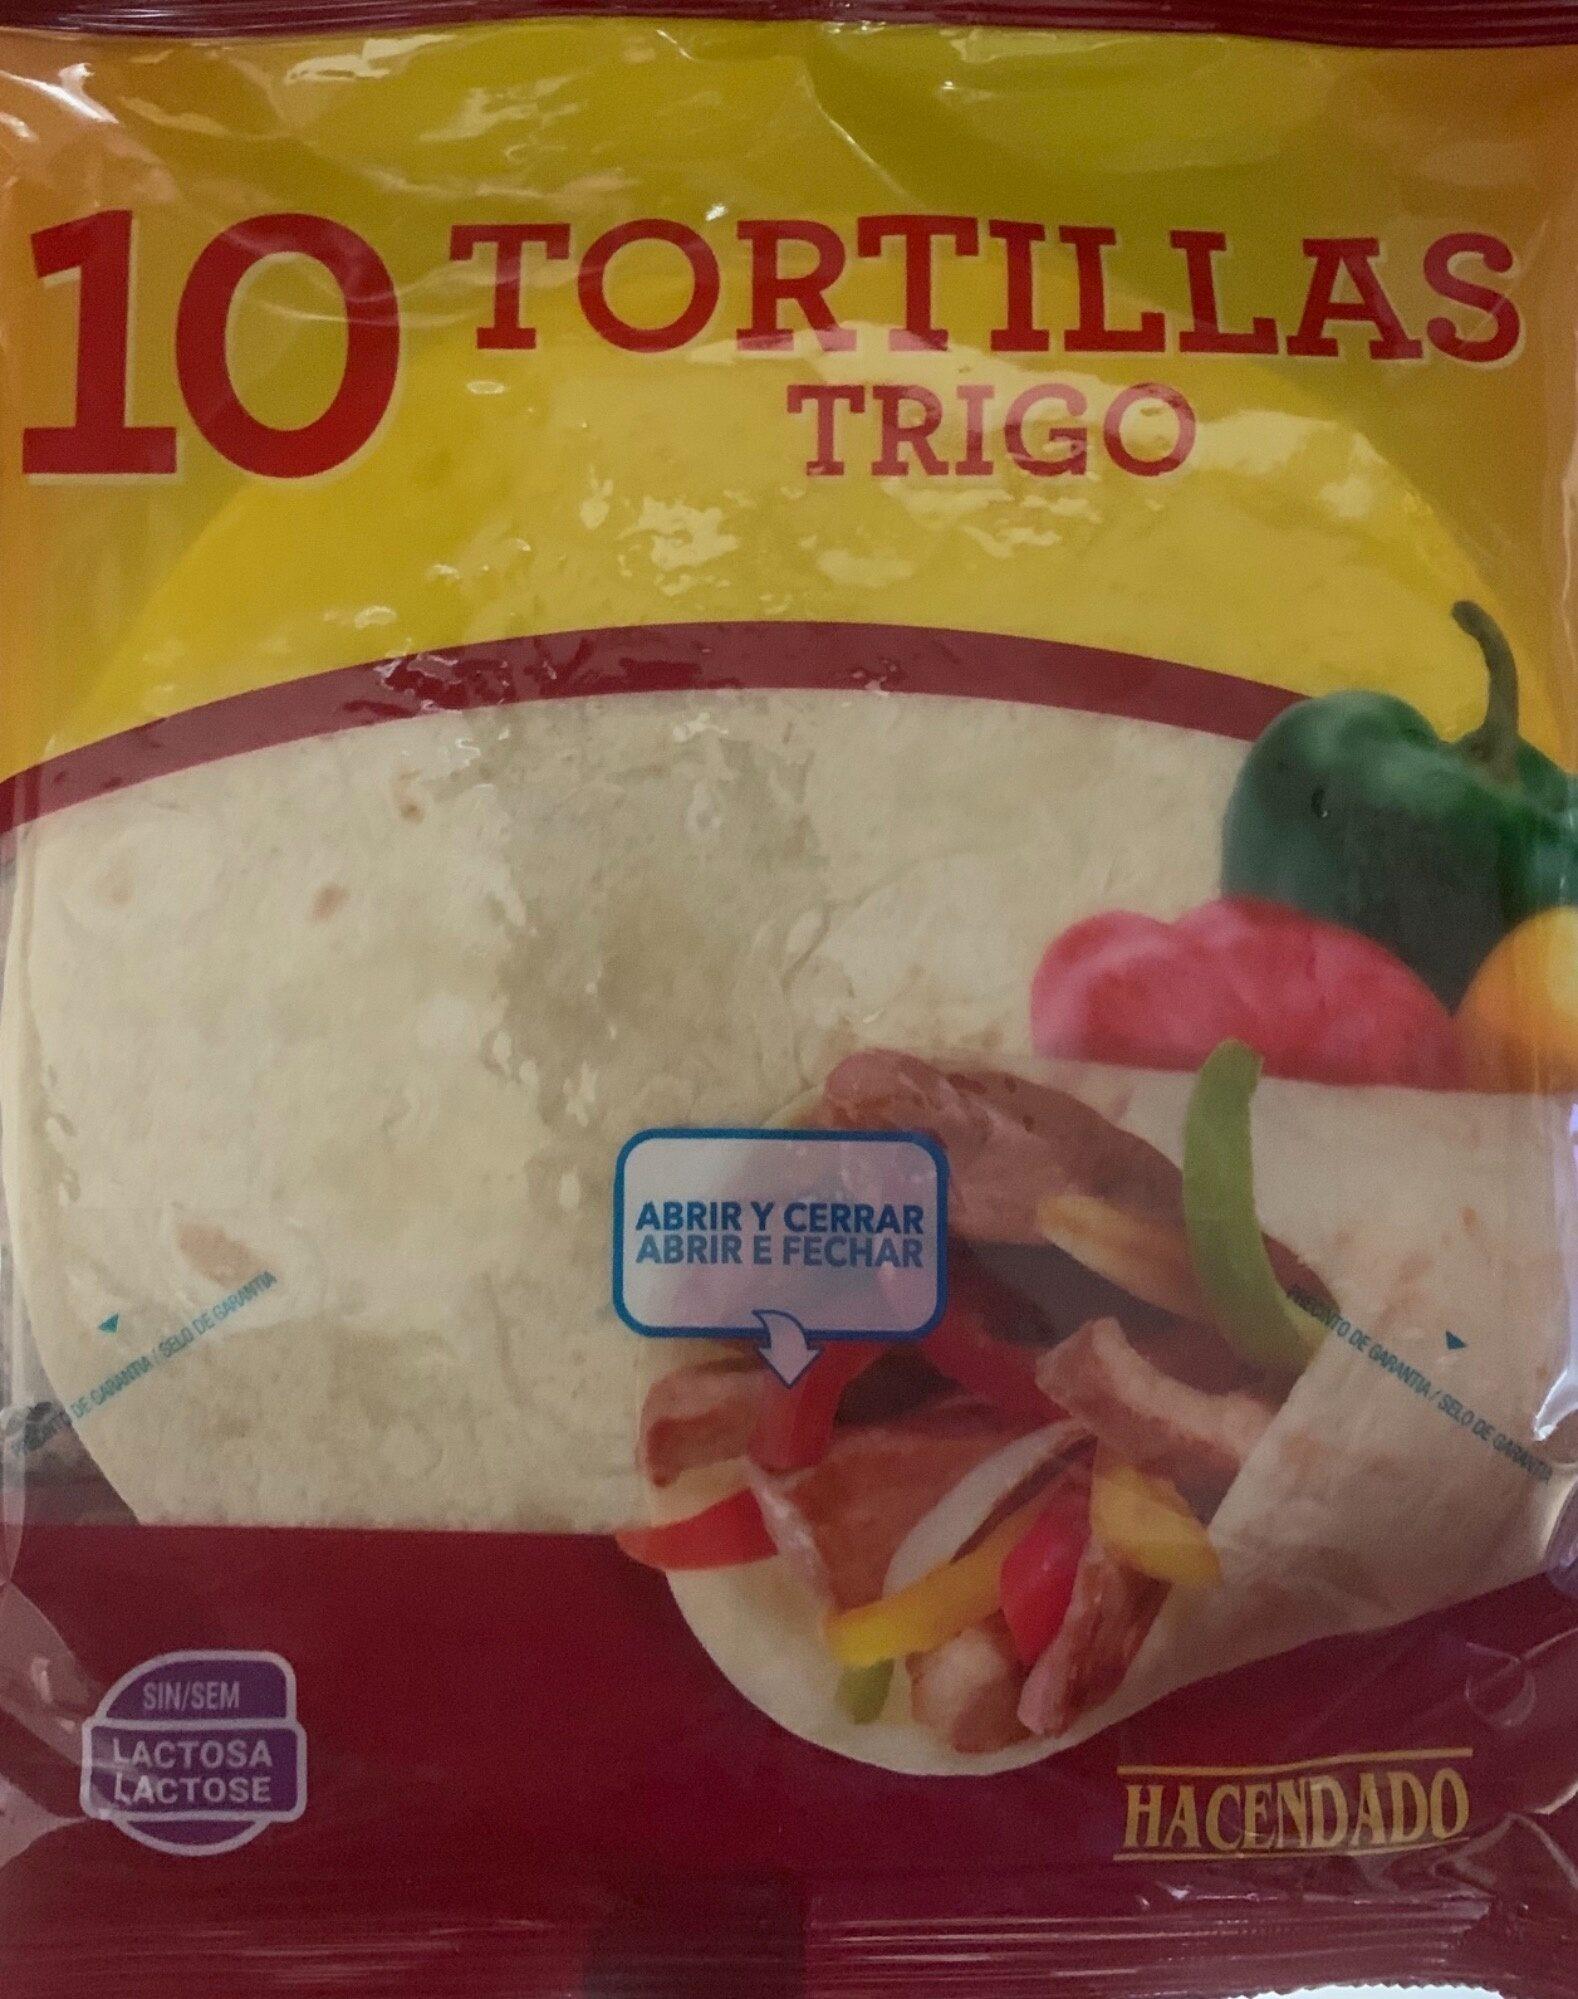 10 Tortillas de Trigo - Producto